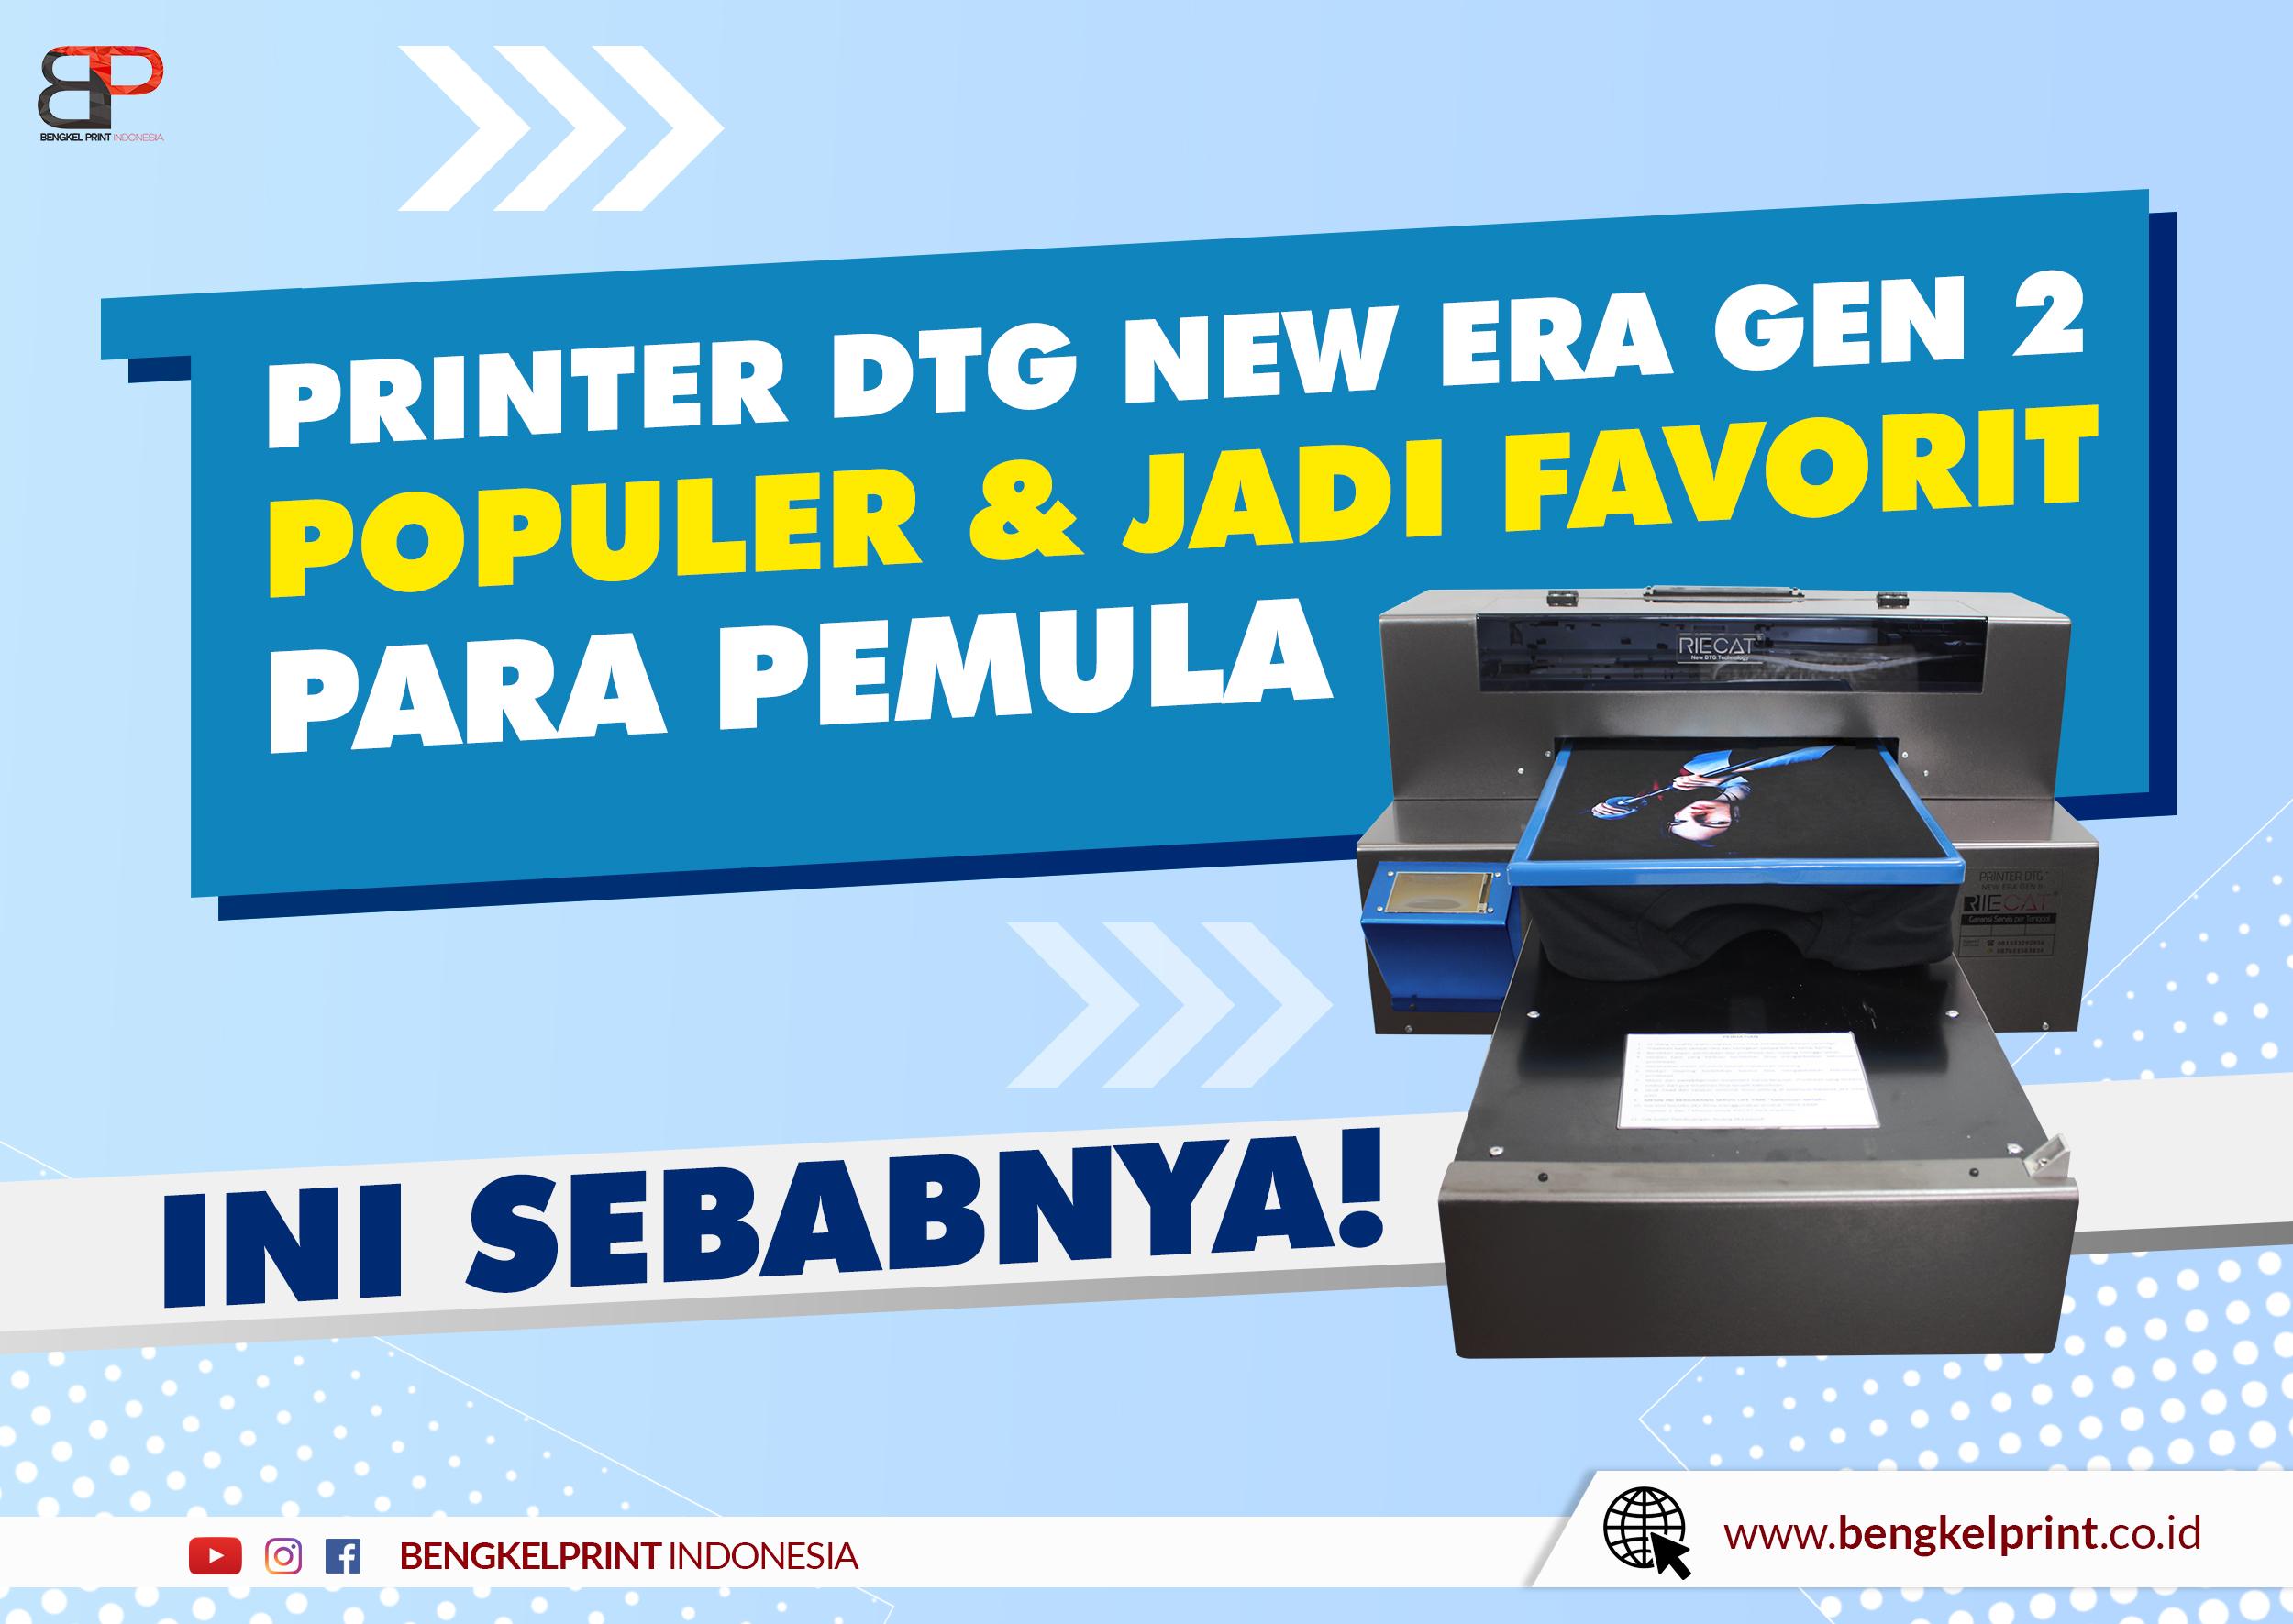 Spesifikasi Dan Fitur Printer DTG NEW ERA GEN 2